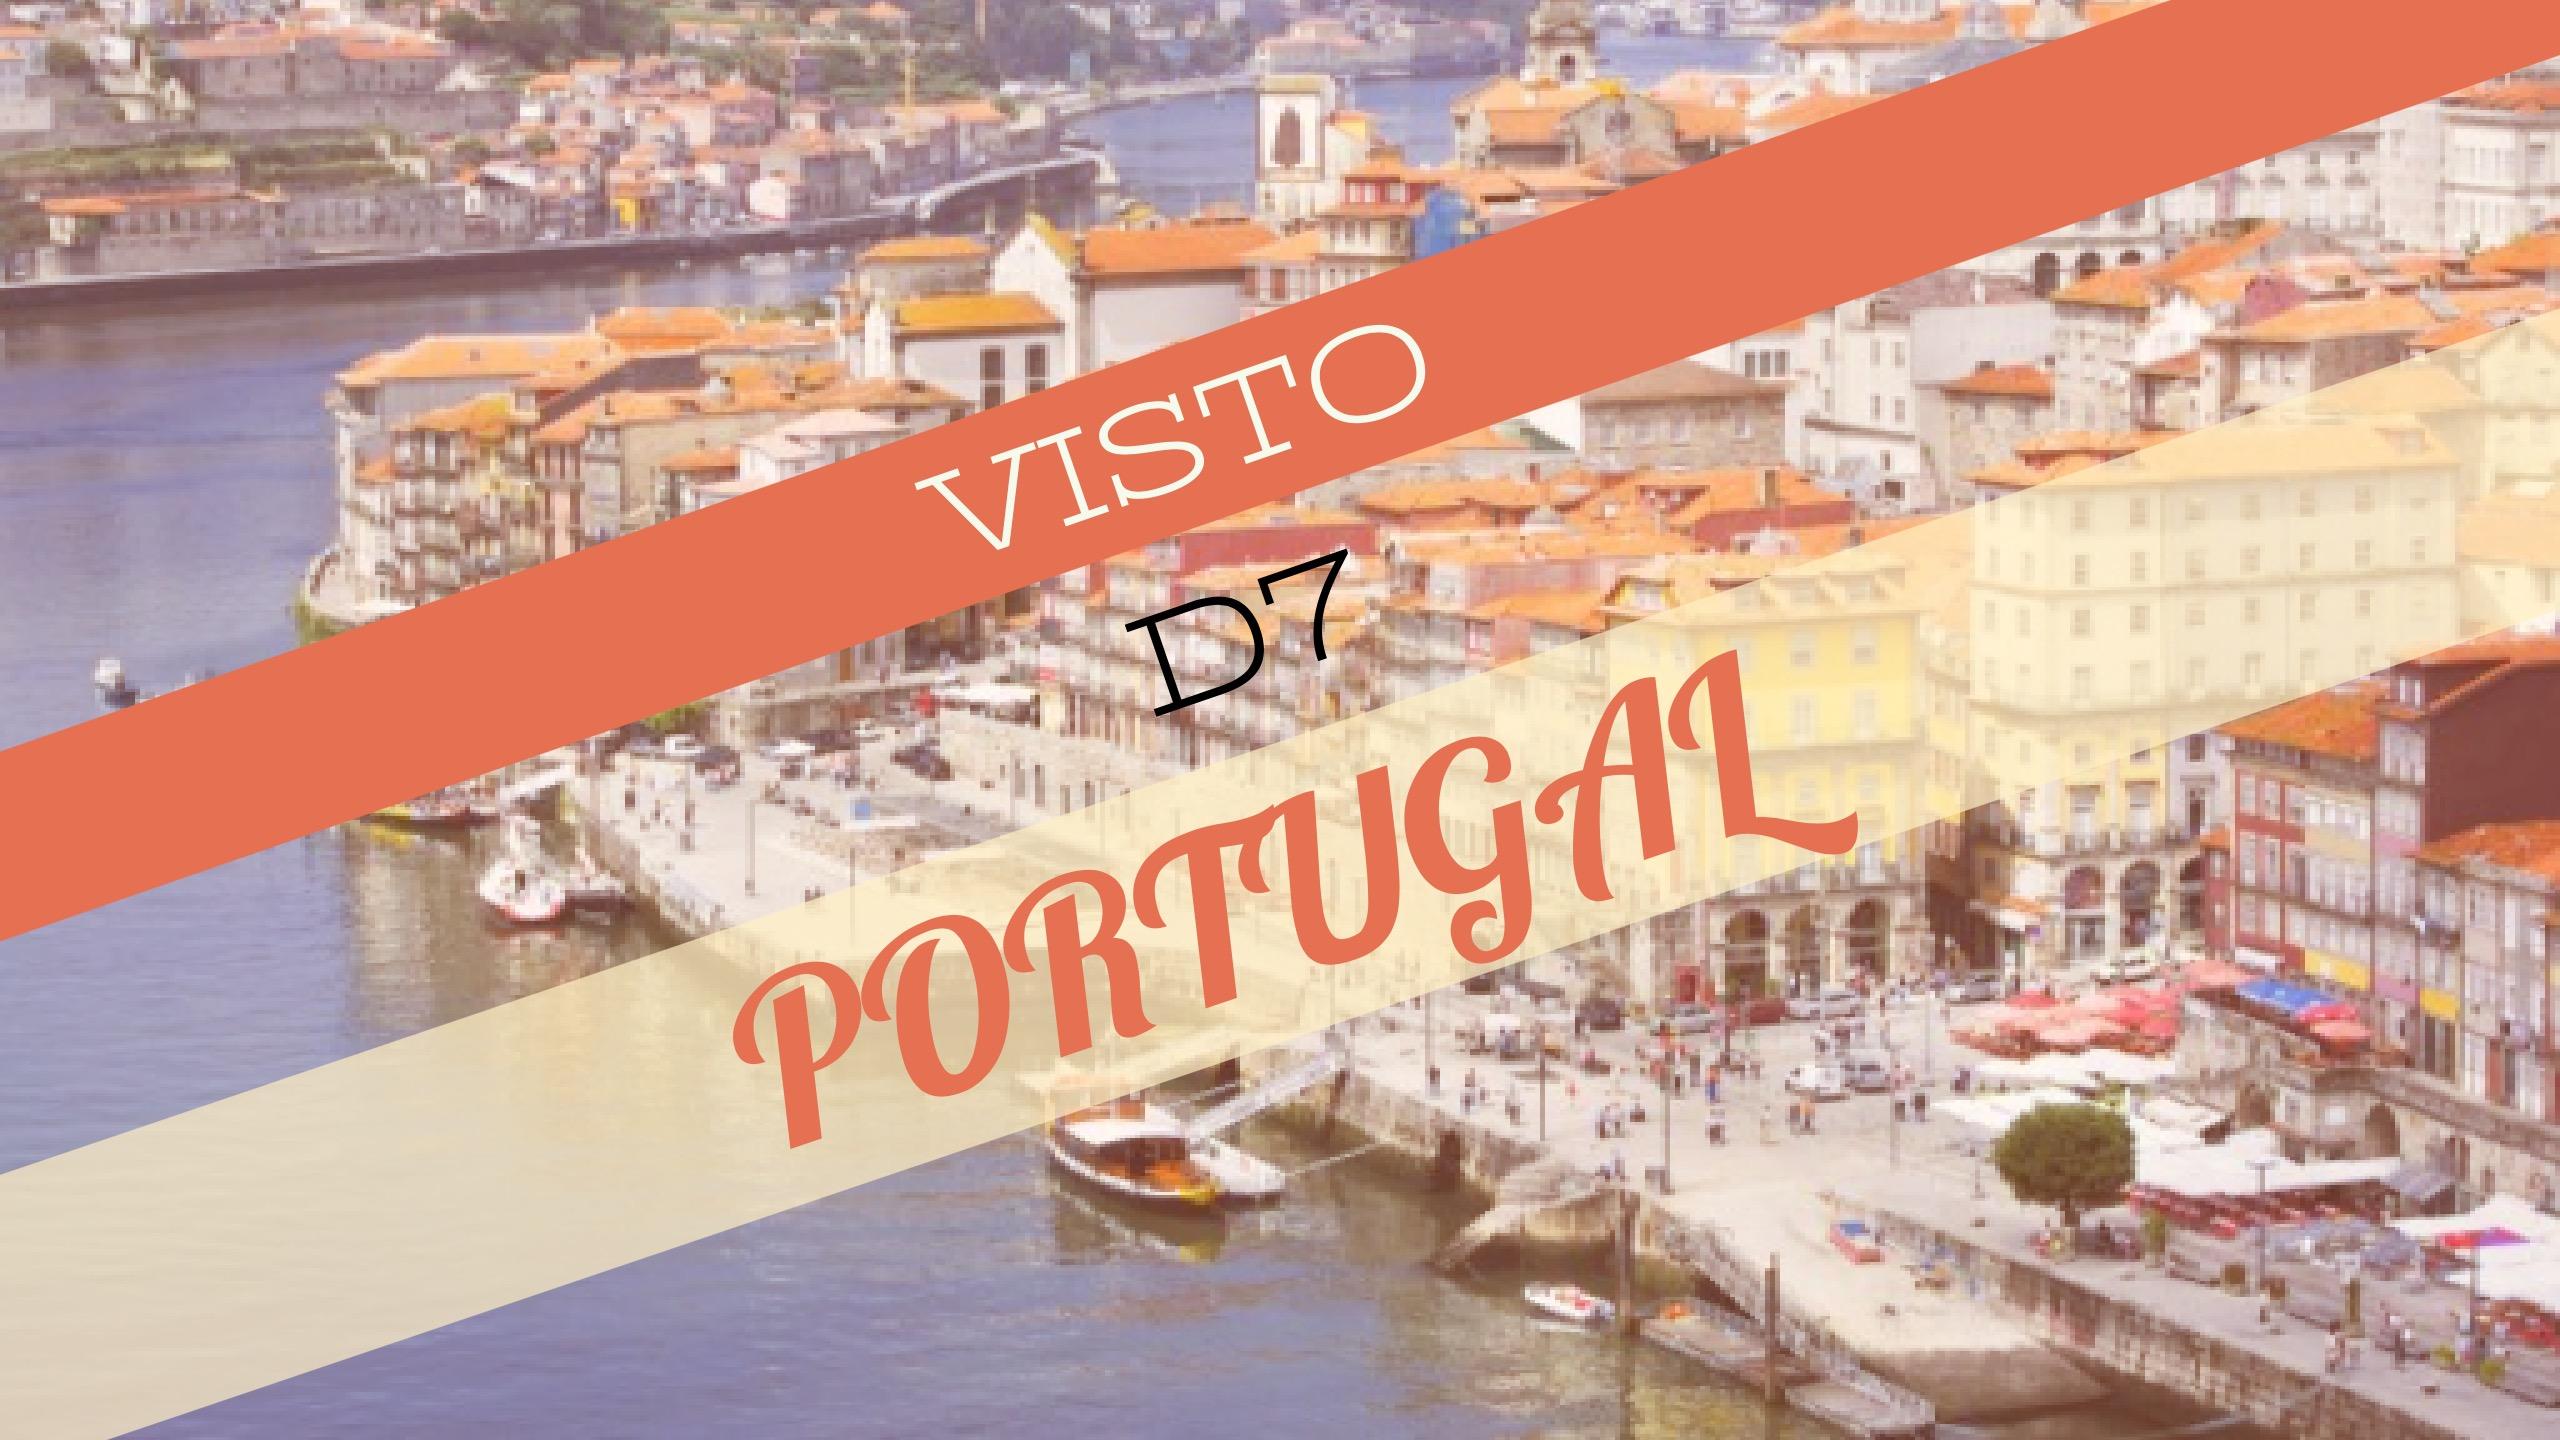 VISTO D7 PORTUGAL